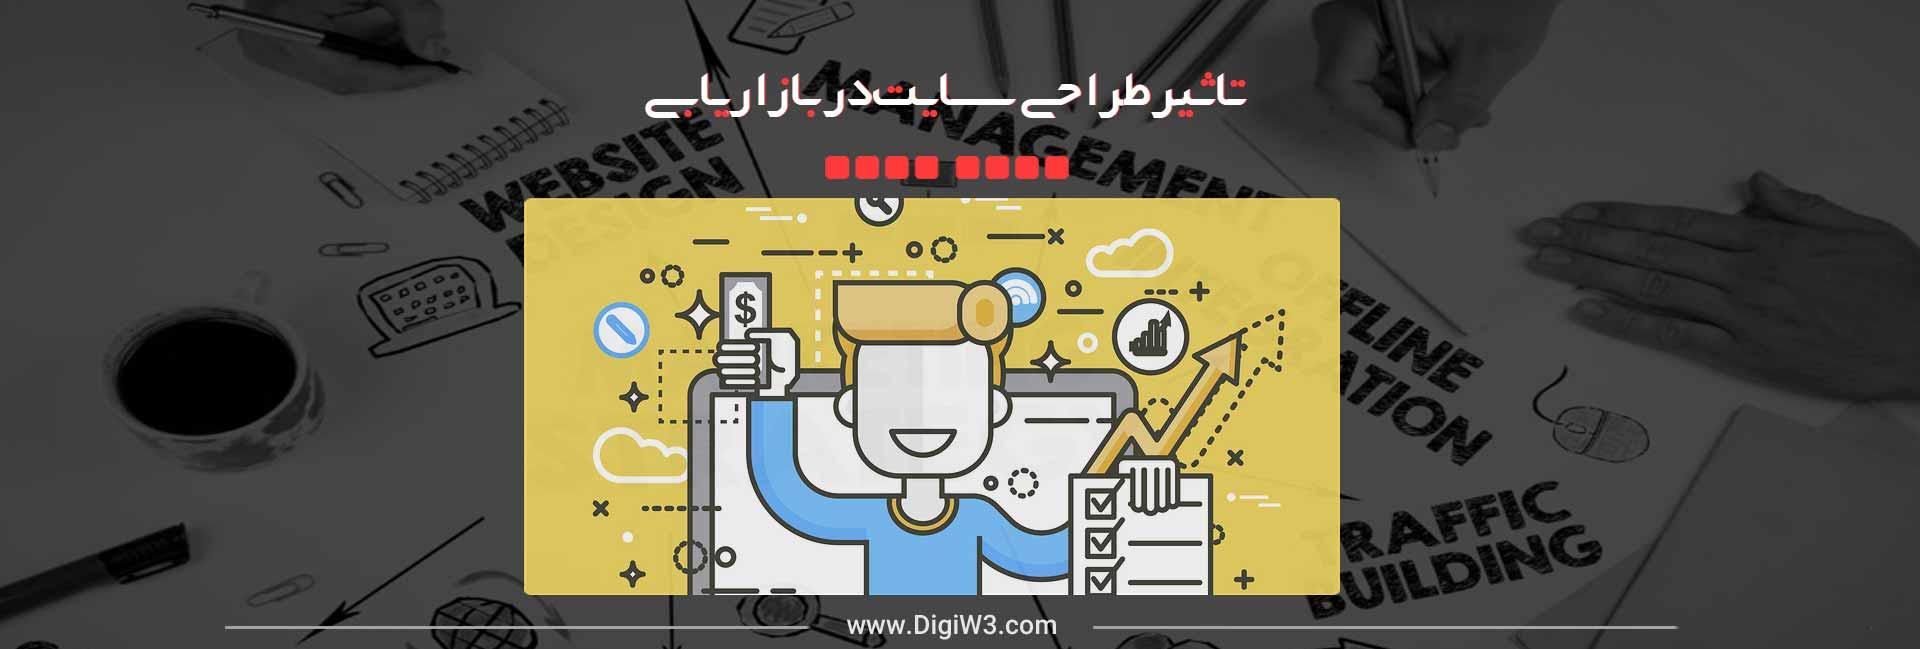 تاثیر طراحی سایت در بازاریابی